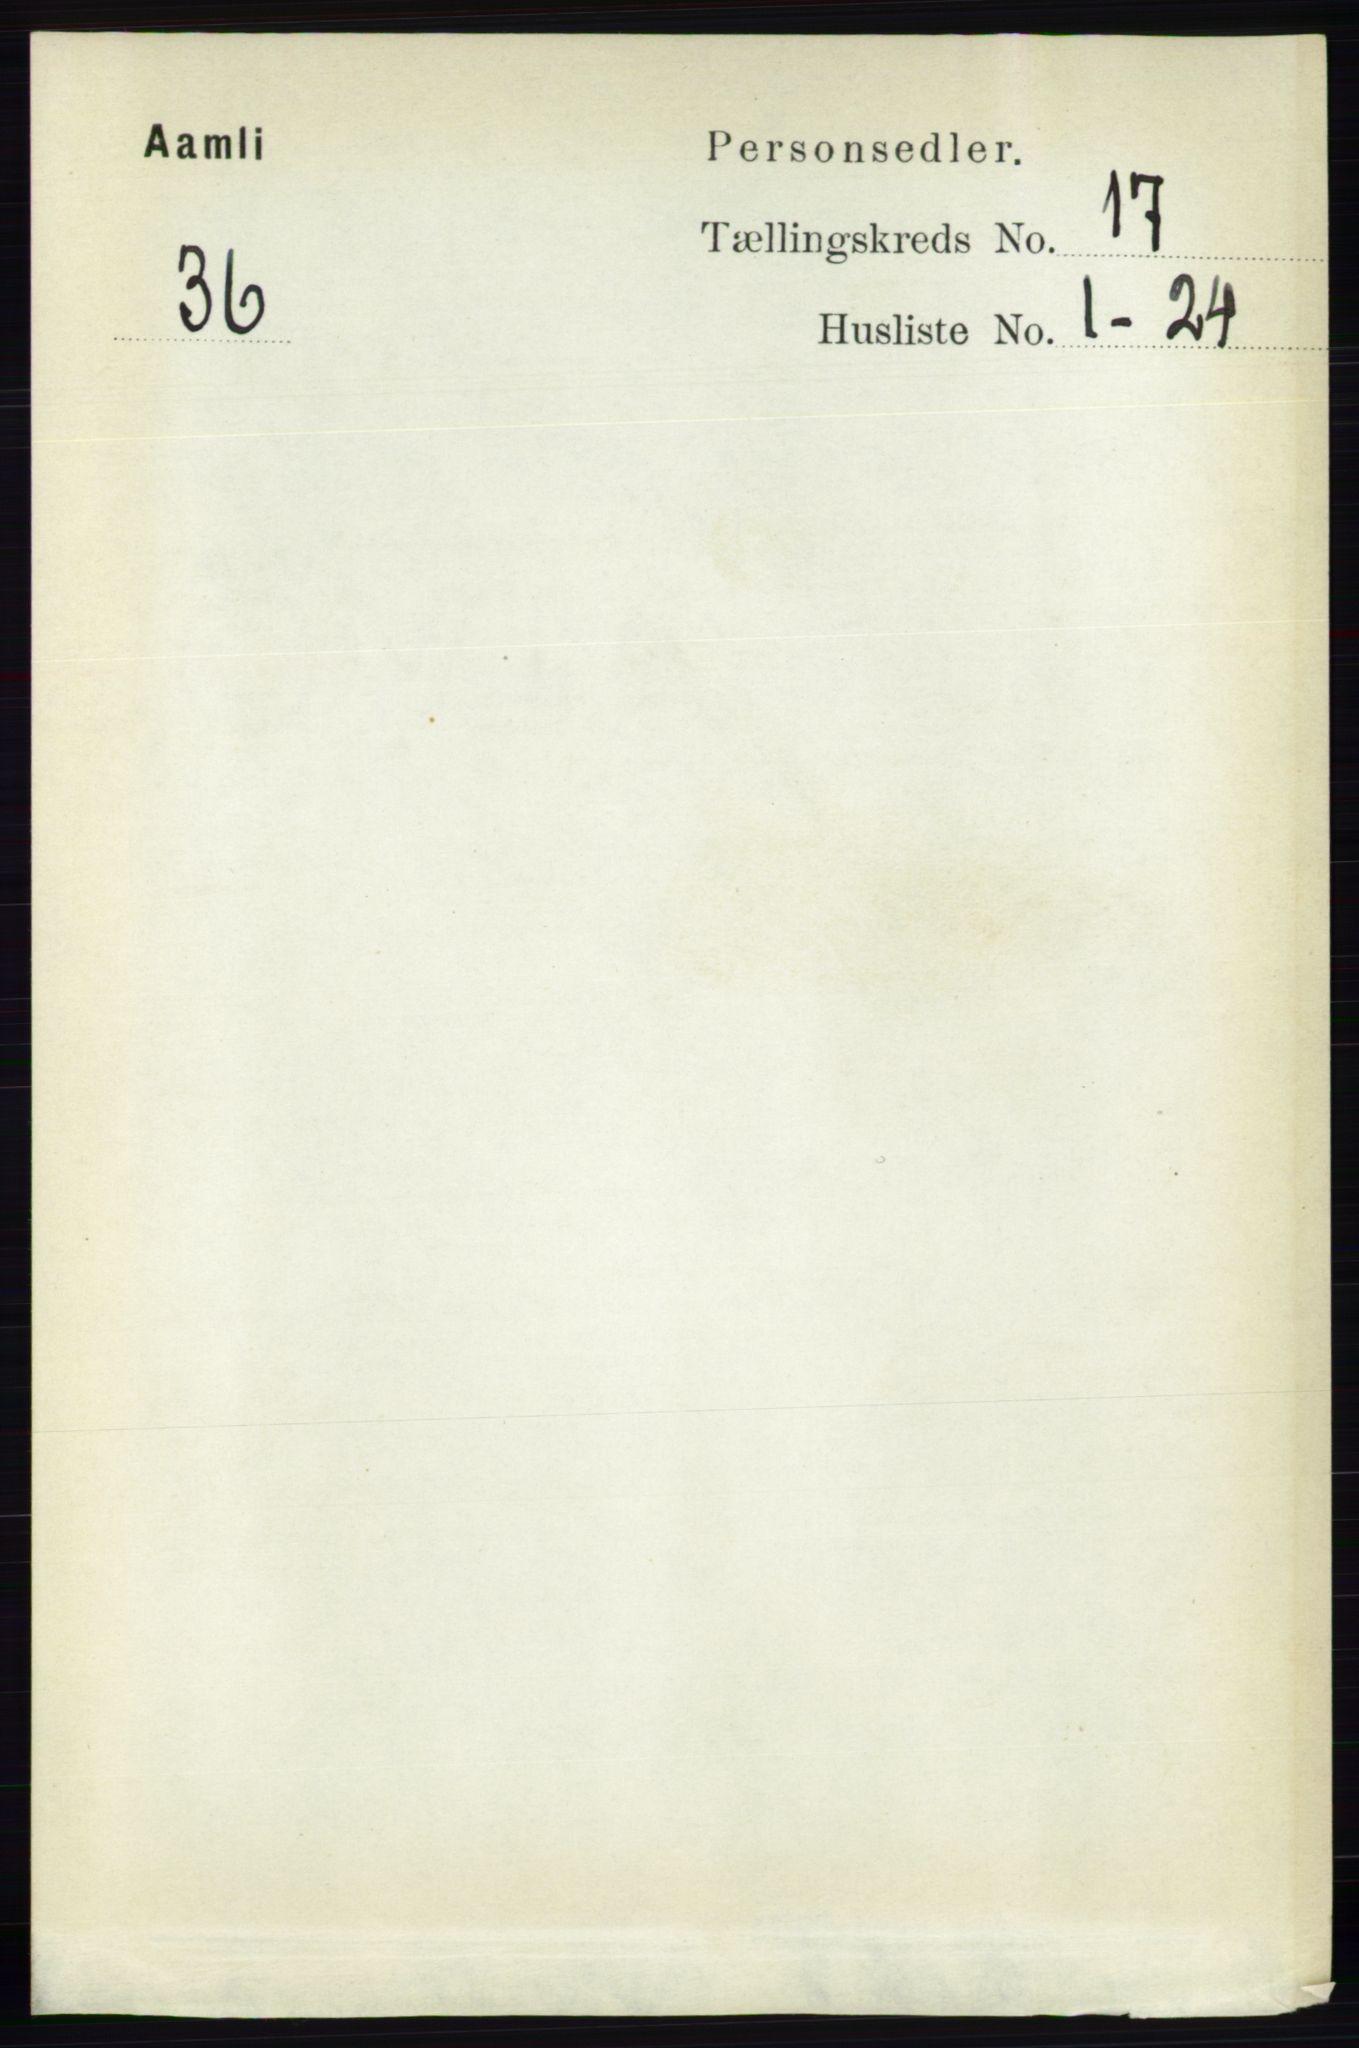 RA, Folketelling 1891 for 0929 Åmli herred, 1891, s. 2804